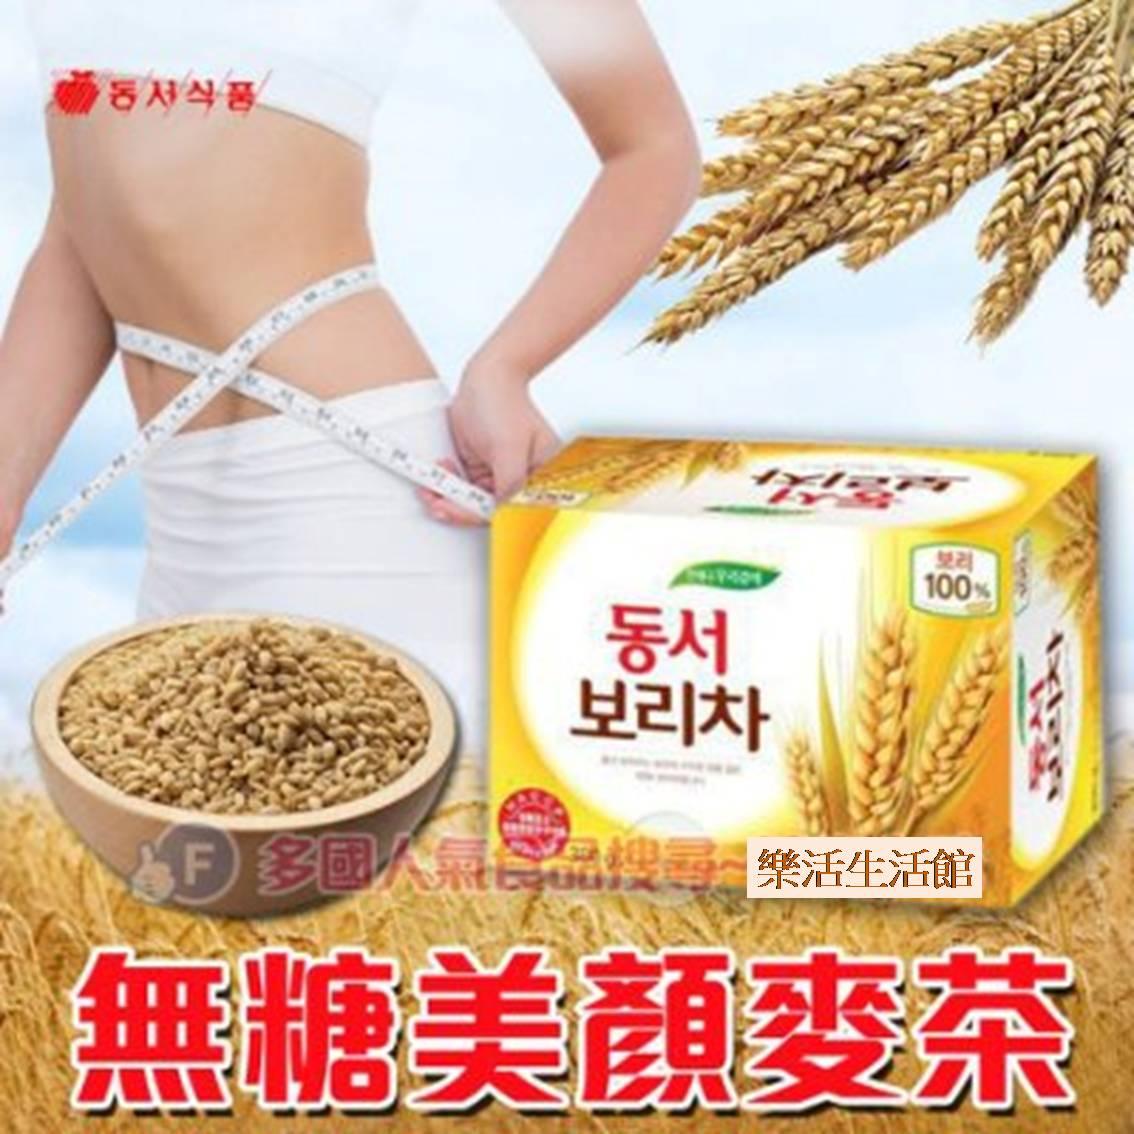 韓國無糖美顏麥茶 麥茶包 家庭號10g~30包